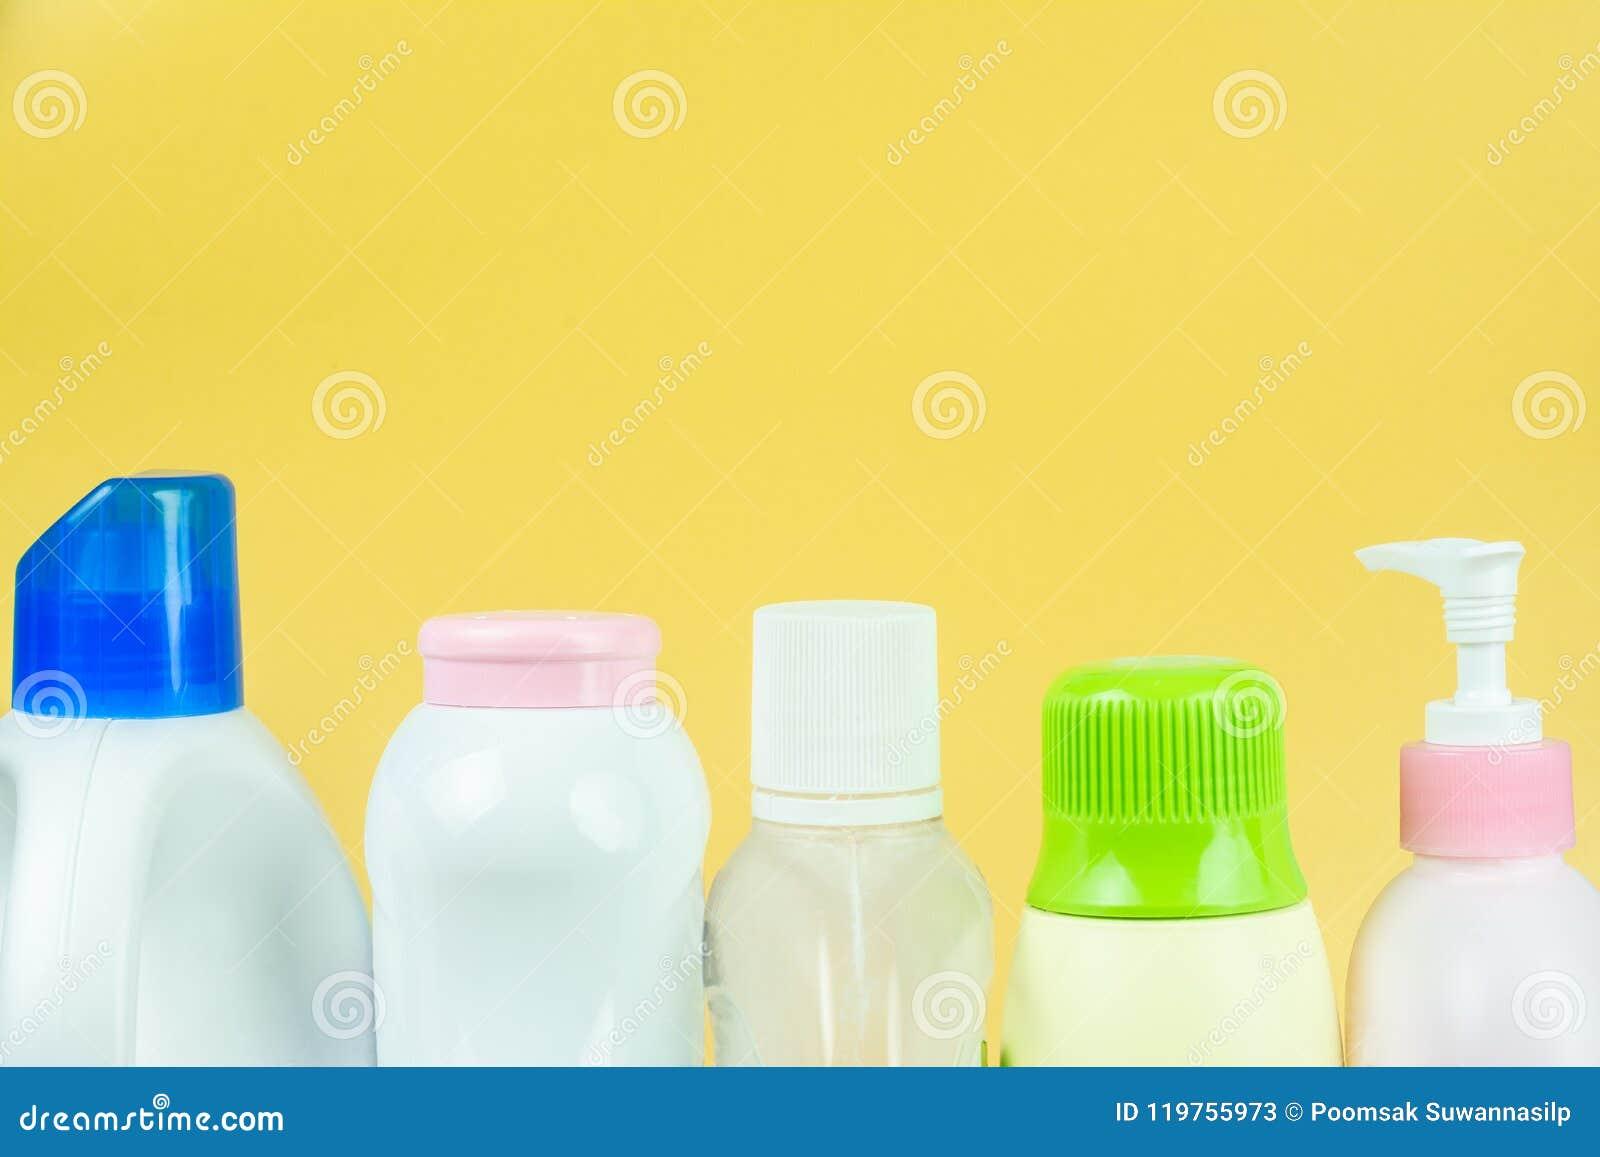 Polyethylene Terephthalate Plastic Bottle  Stock Image - Image of